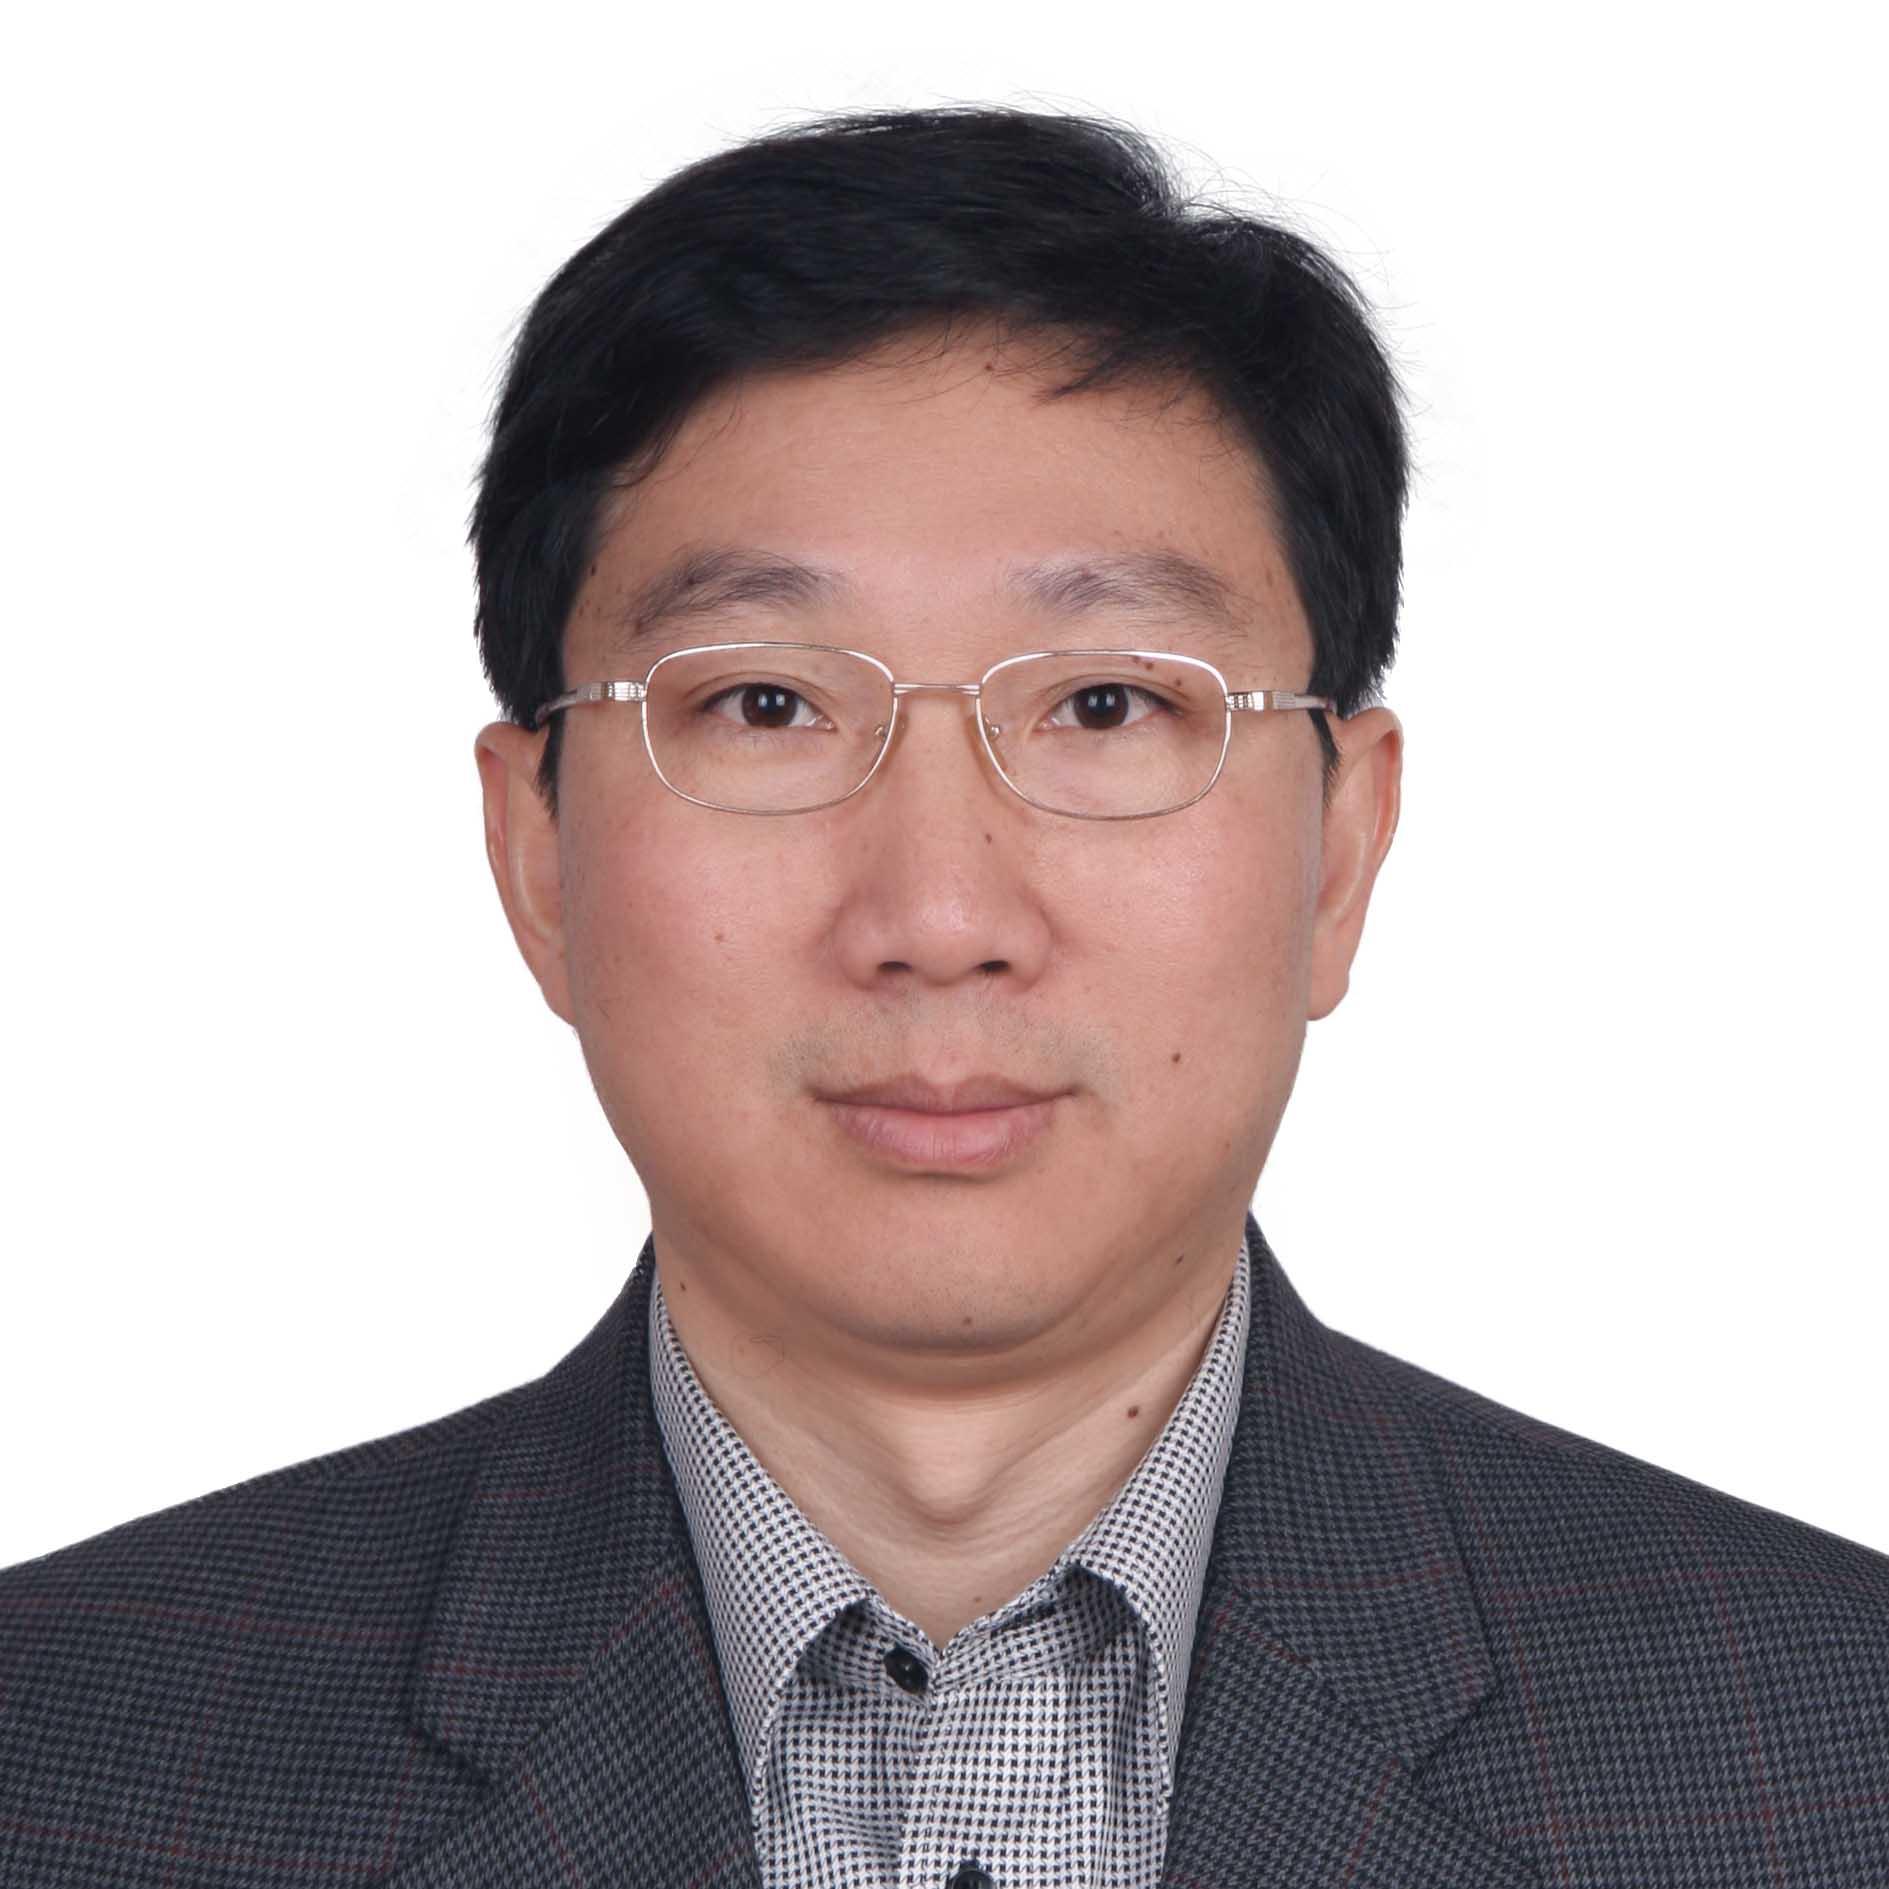 Cheng Xiaohe